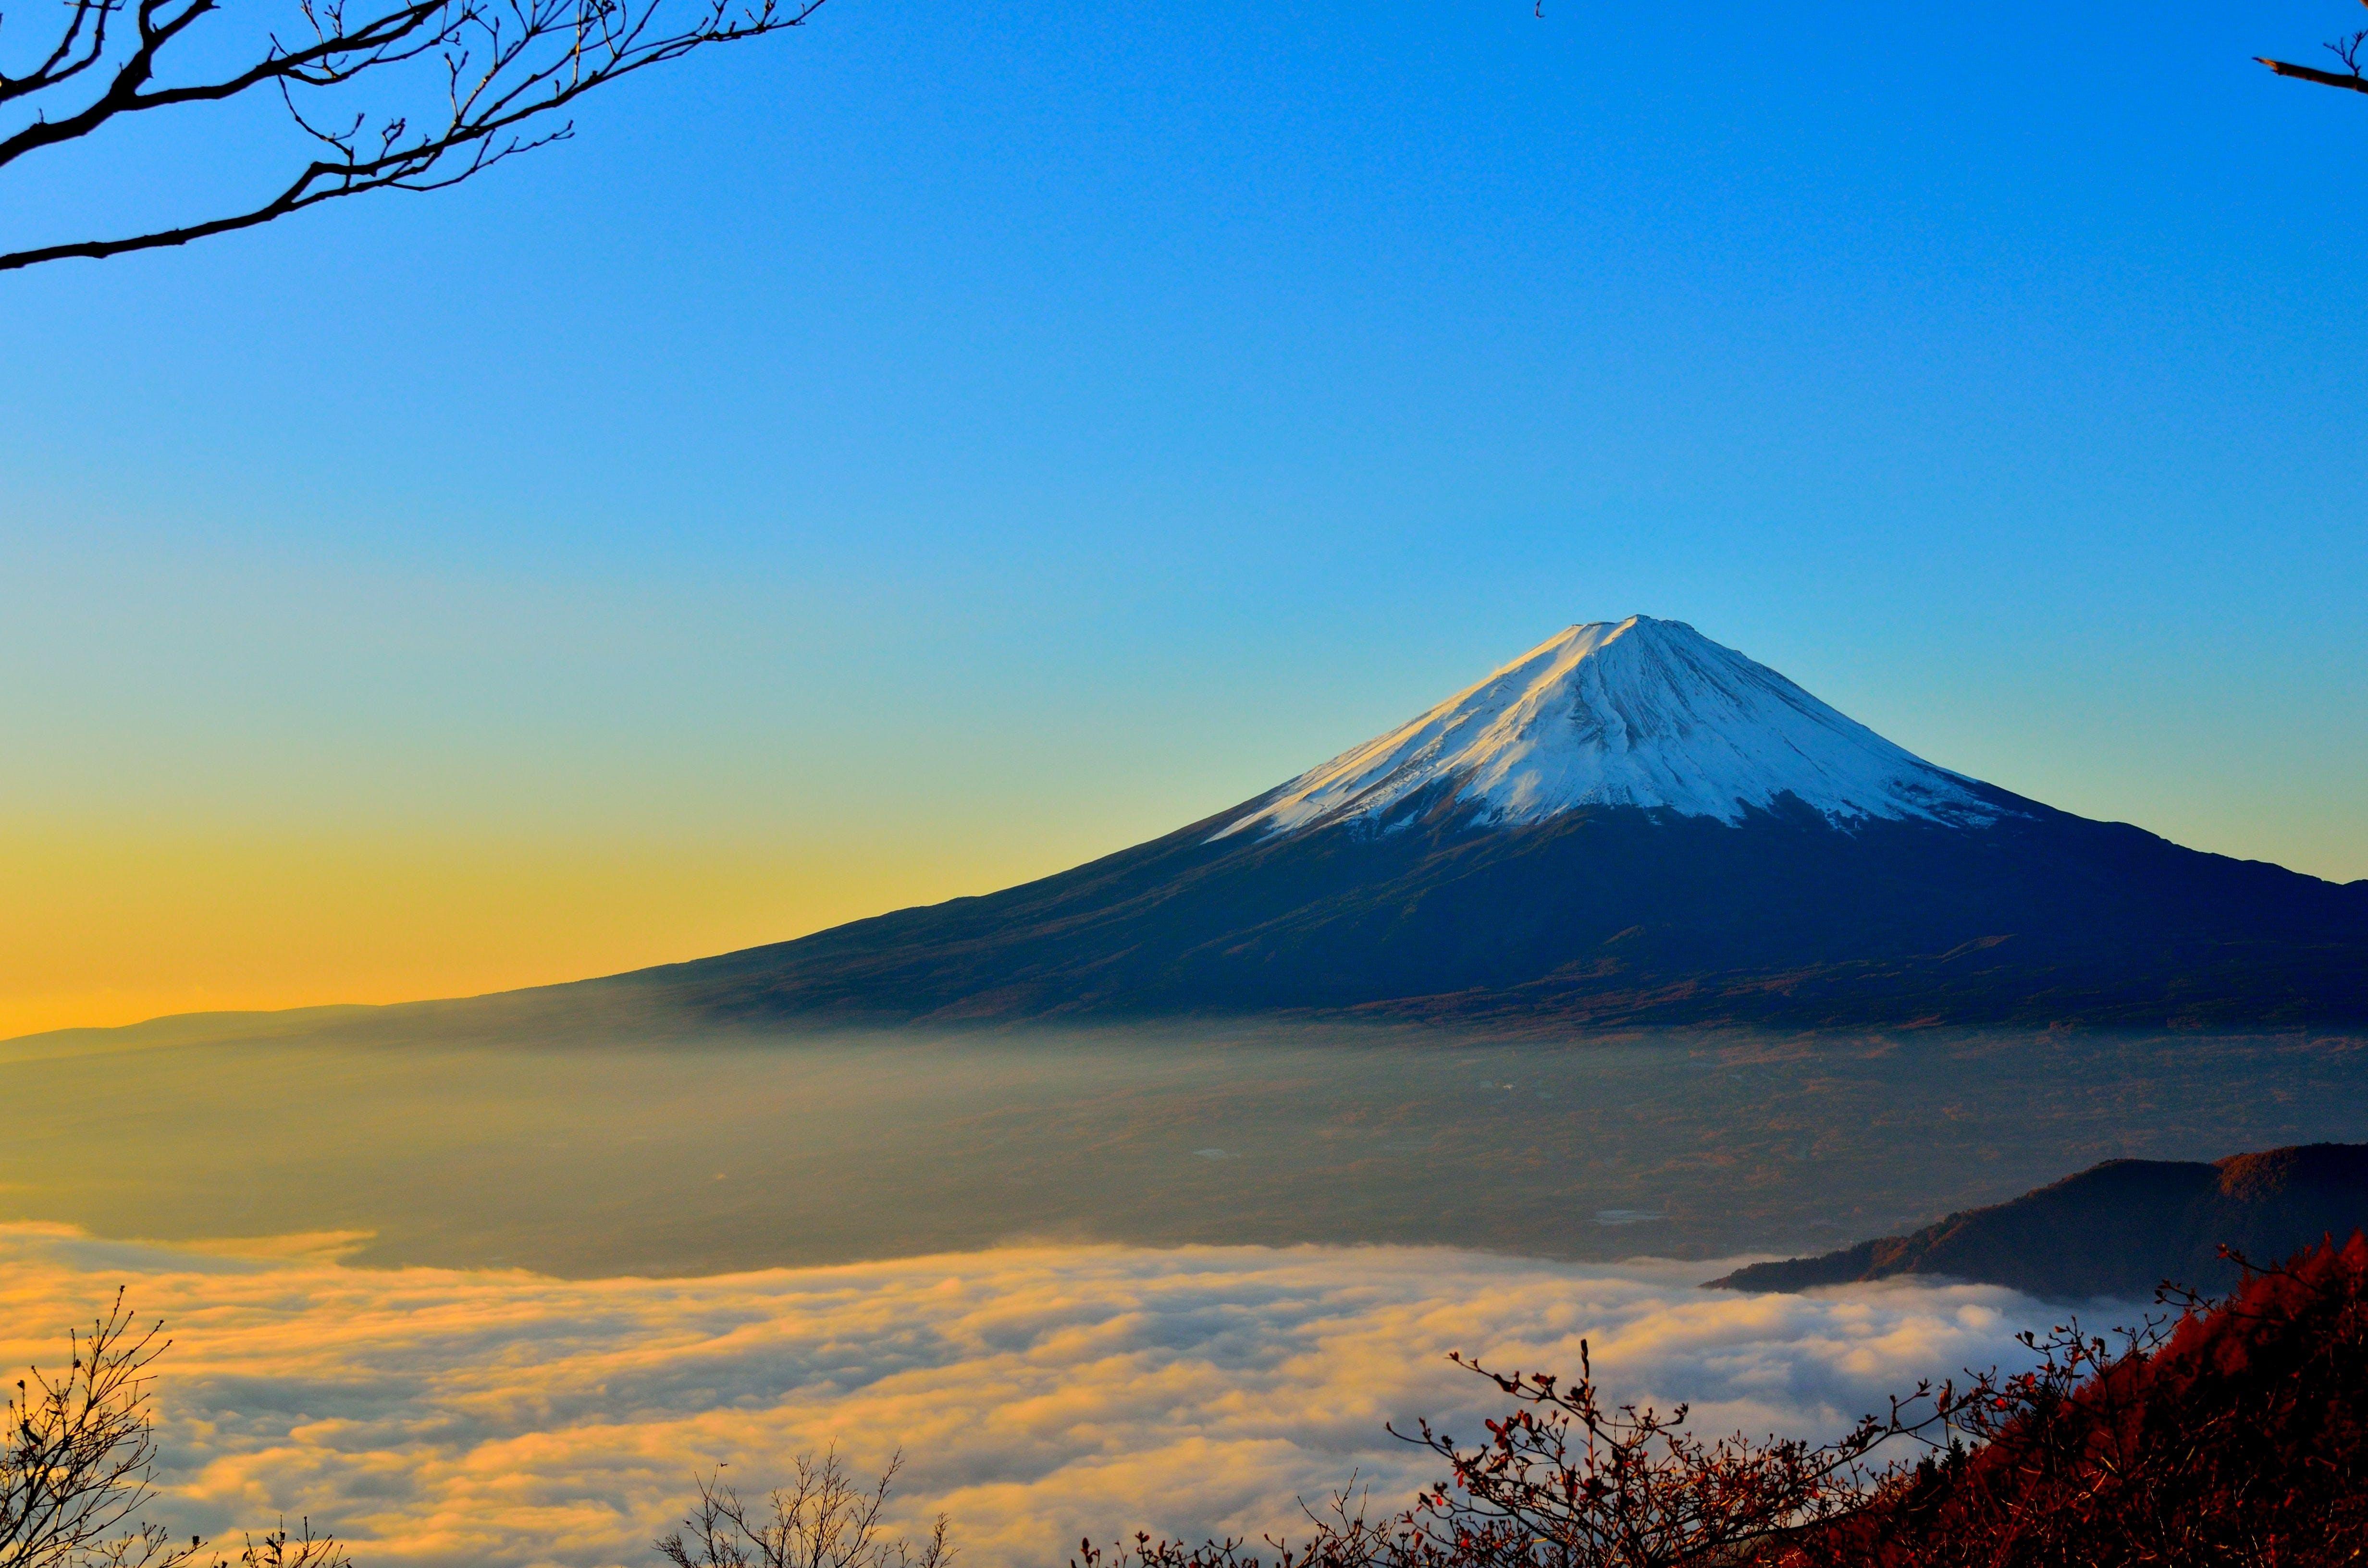 คลังภาพถ่ายฟรี ของ ตะวันลับฟ้า, ท้องฟ้า, ธรรมชาติ, ประเทศญี่ปุ่น